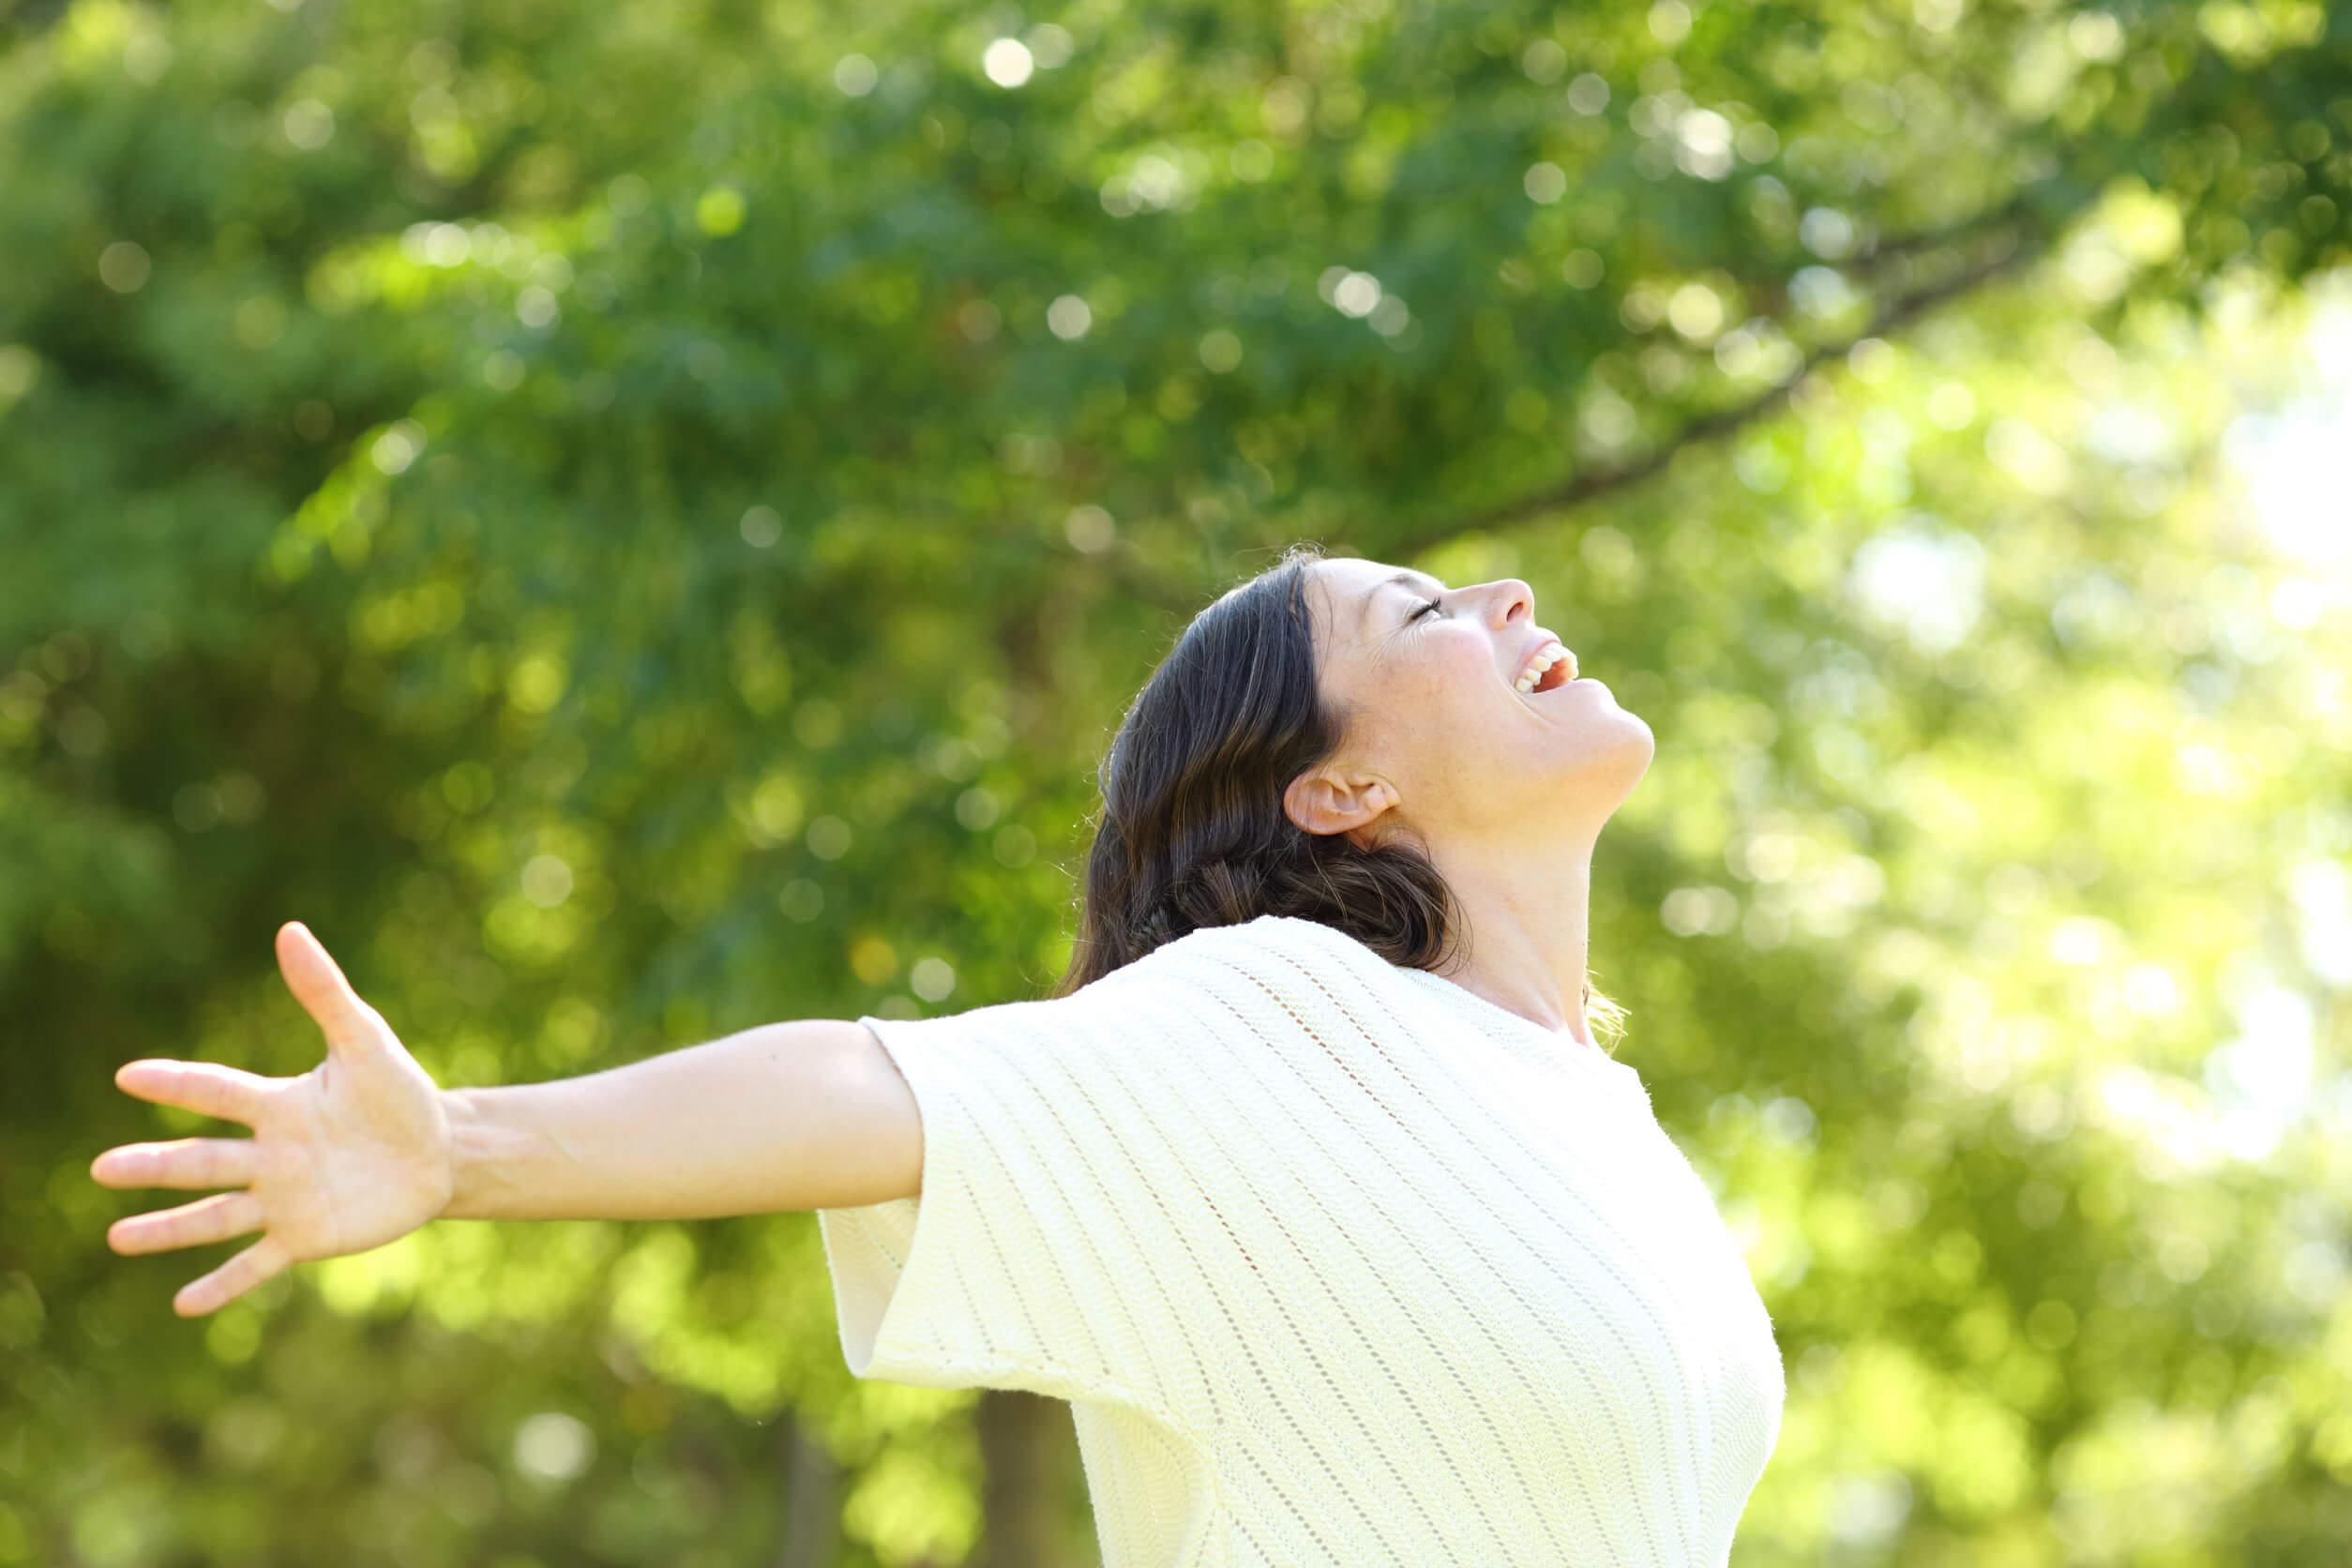 Beneficios de caminar: libera tu mente